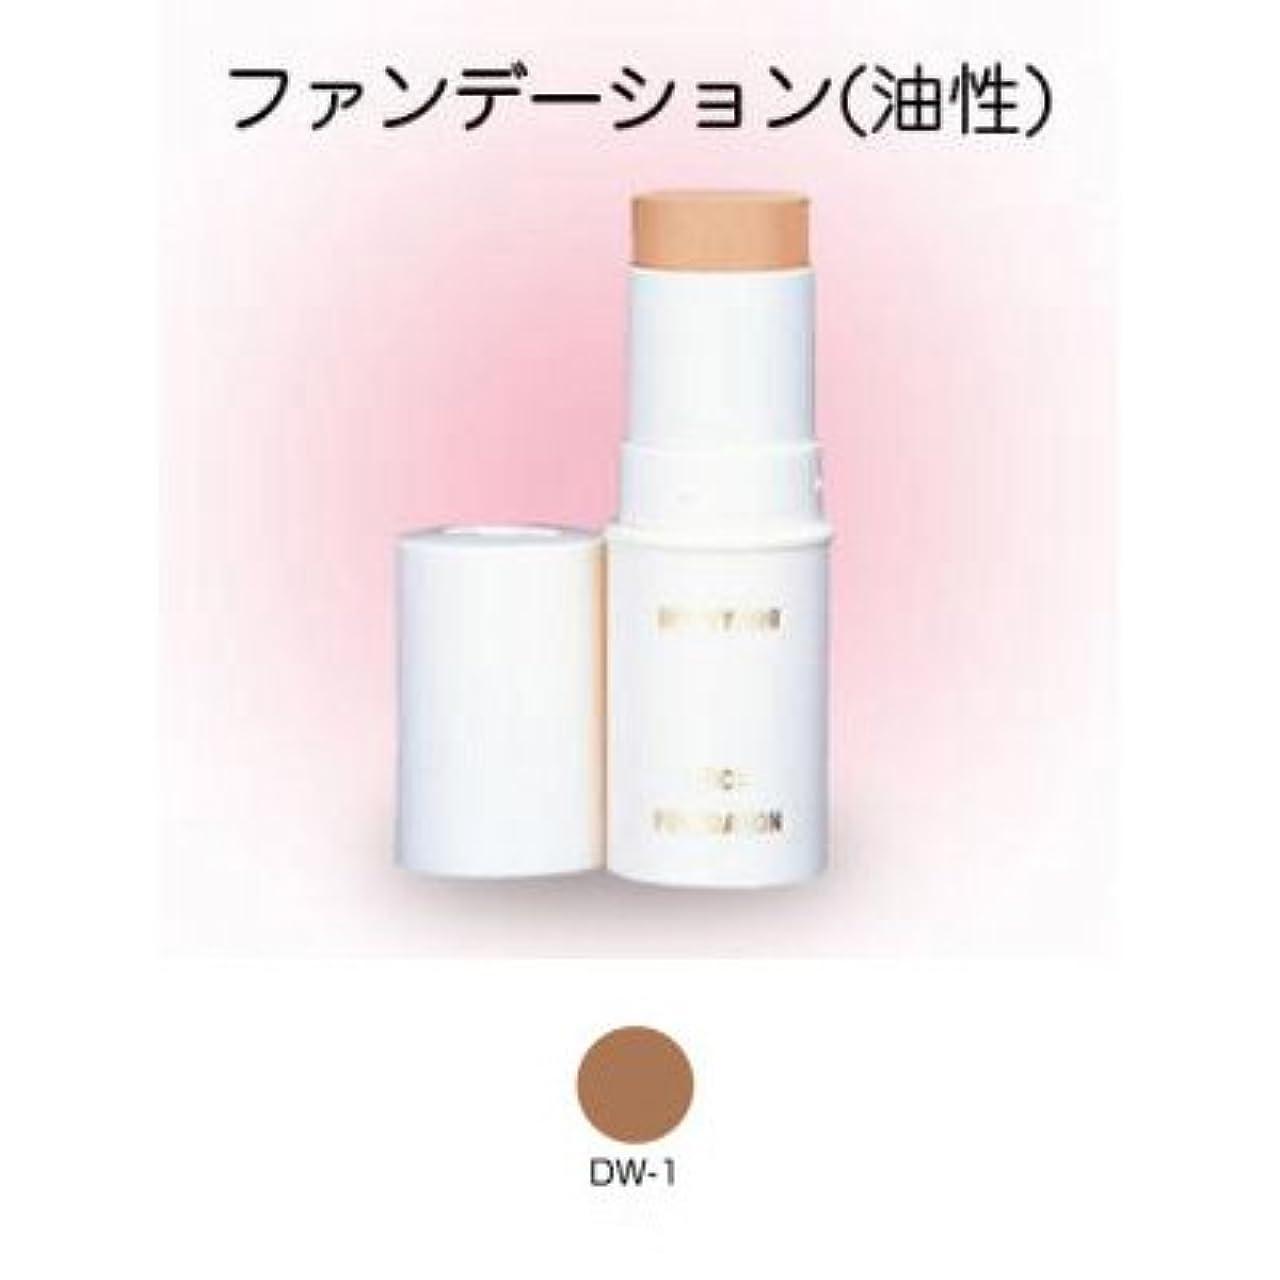 パートナー怠感印象的なスティックファンデーション 16g DW-1 【三善】